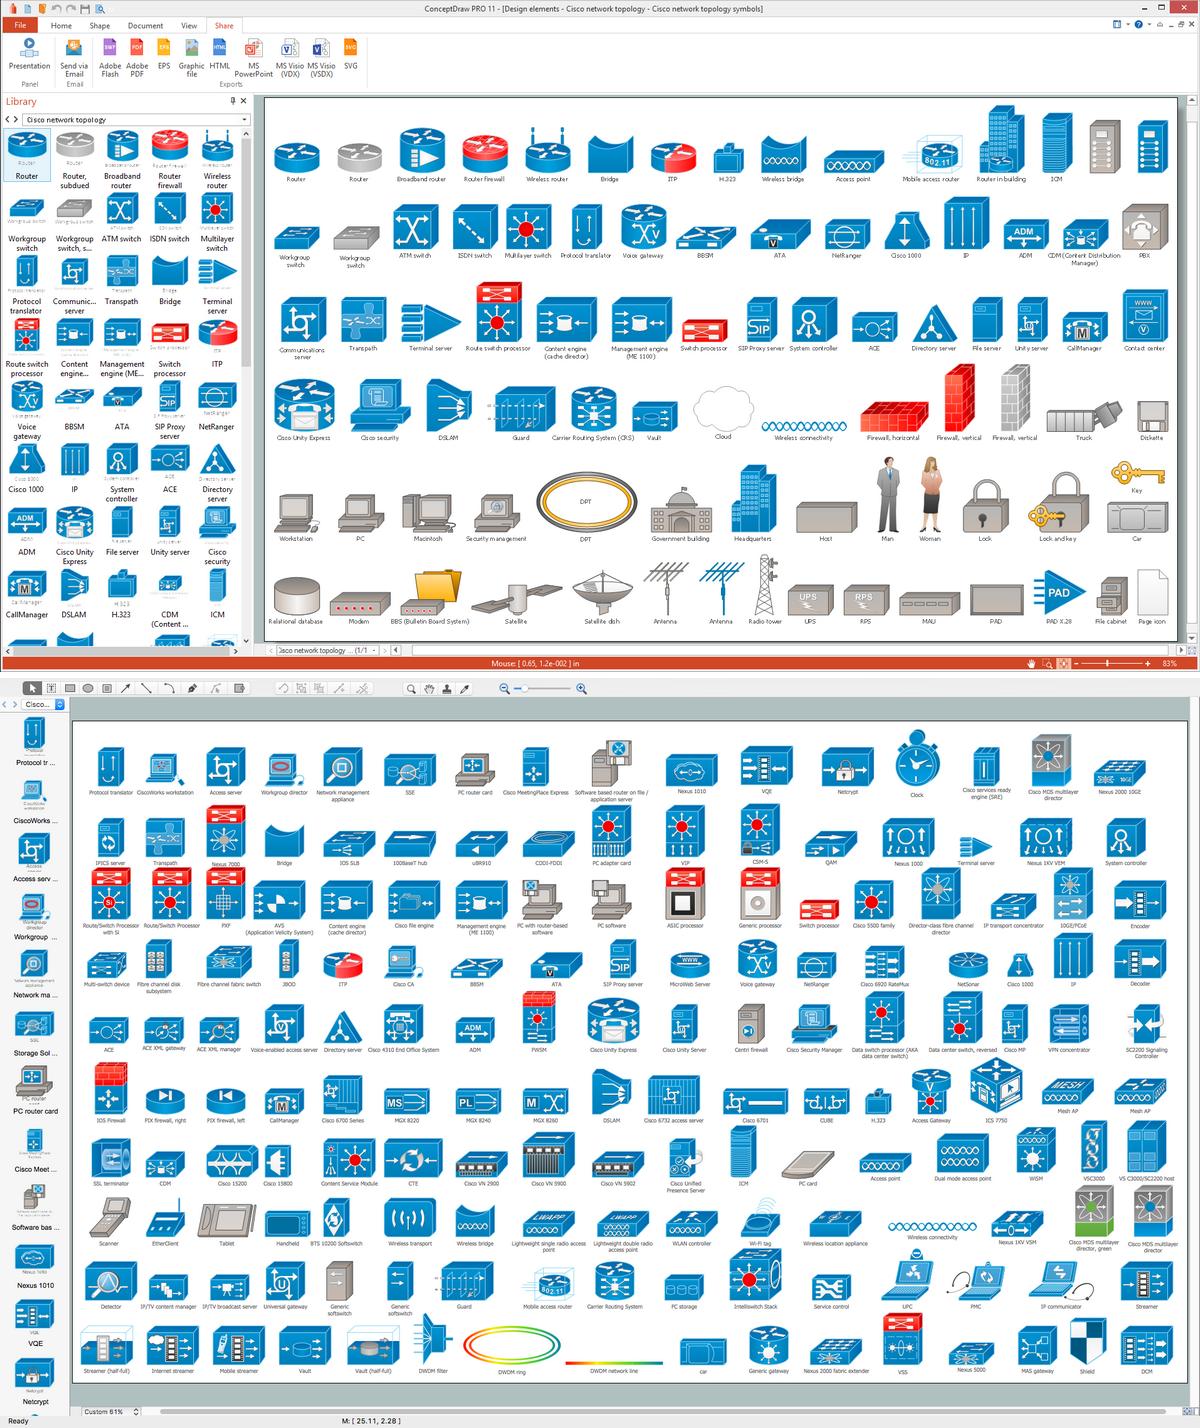 21 Auto Visio Network Diagram Stencils References Visio Network